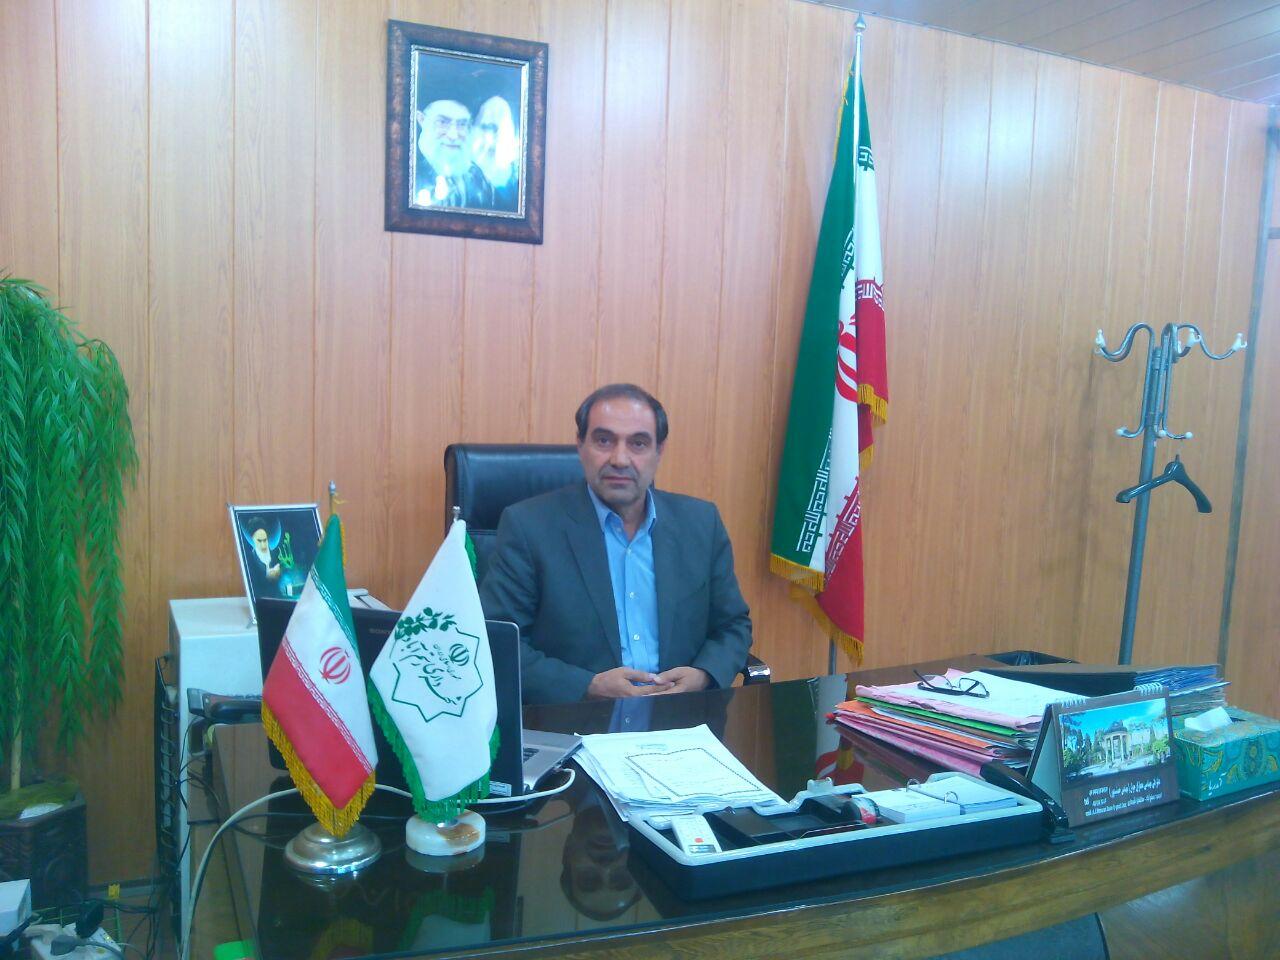 شهردار رستم آباد سی امین سالگرد زلزله شهرستان رودبار در خرداد ۶۹ را تسلیت گفت